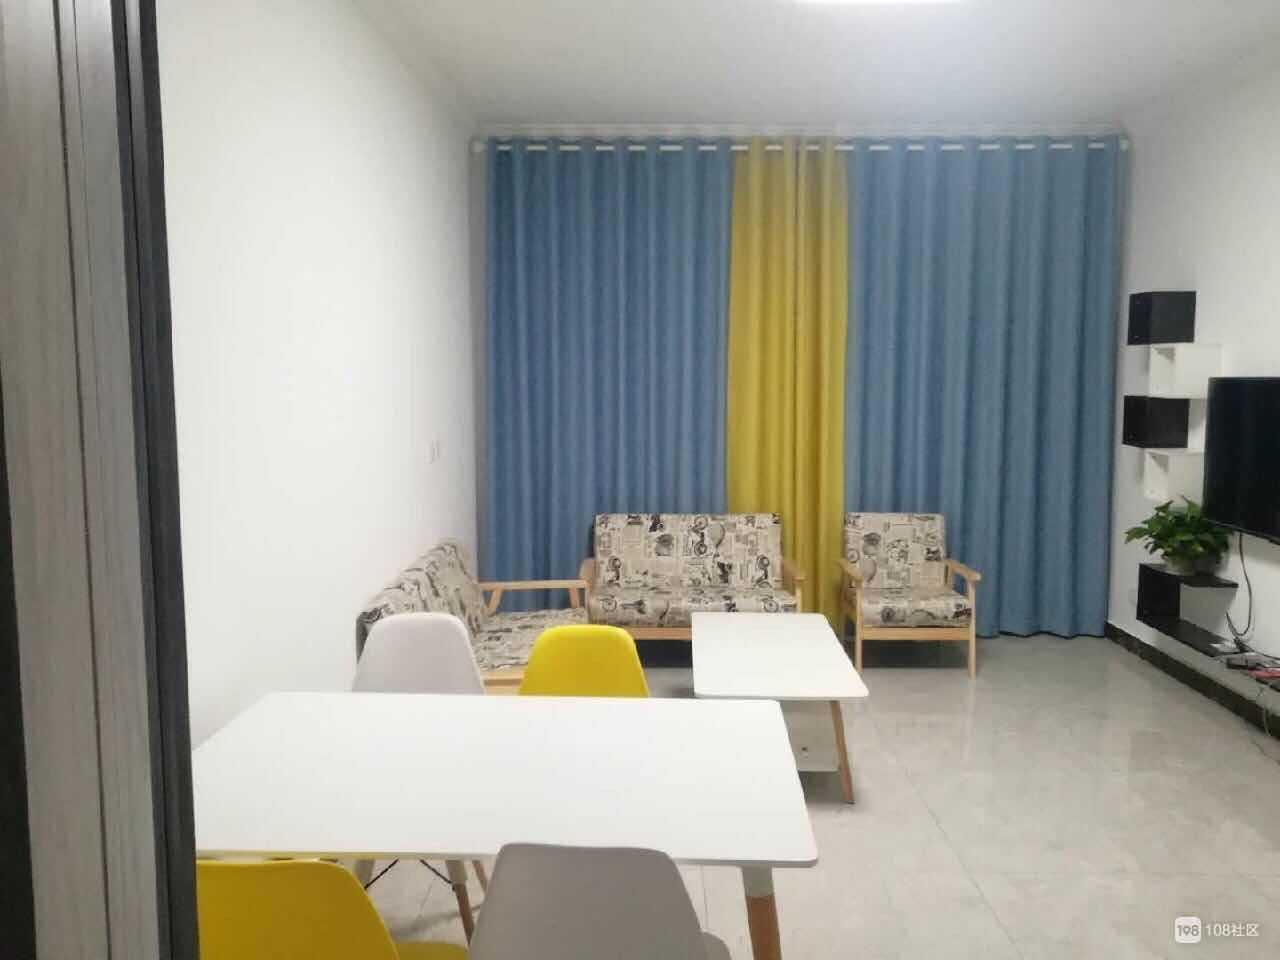 05157. 玉山公馆15楼出租,三室两厅一厨一卫,精装修,自住标准的实拍照片